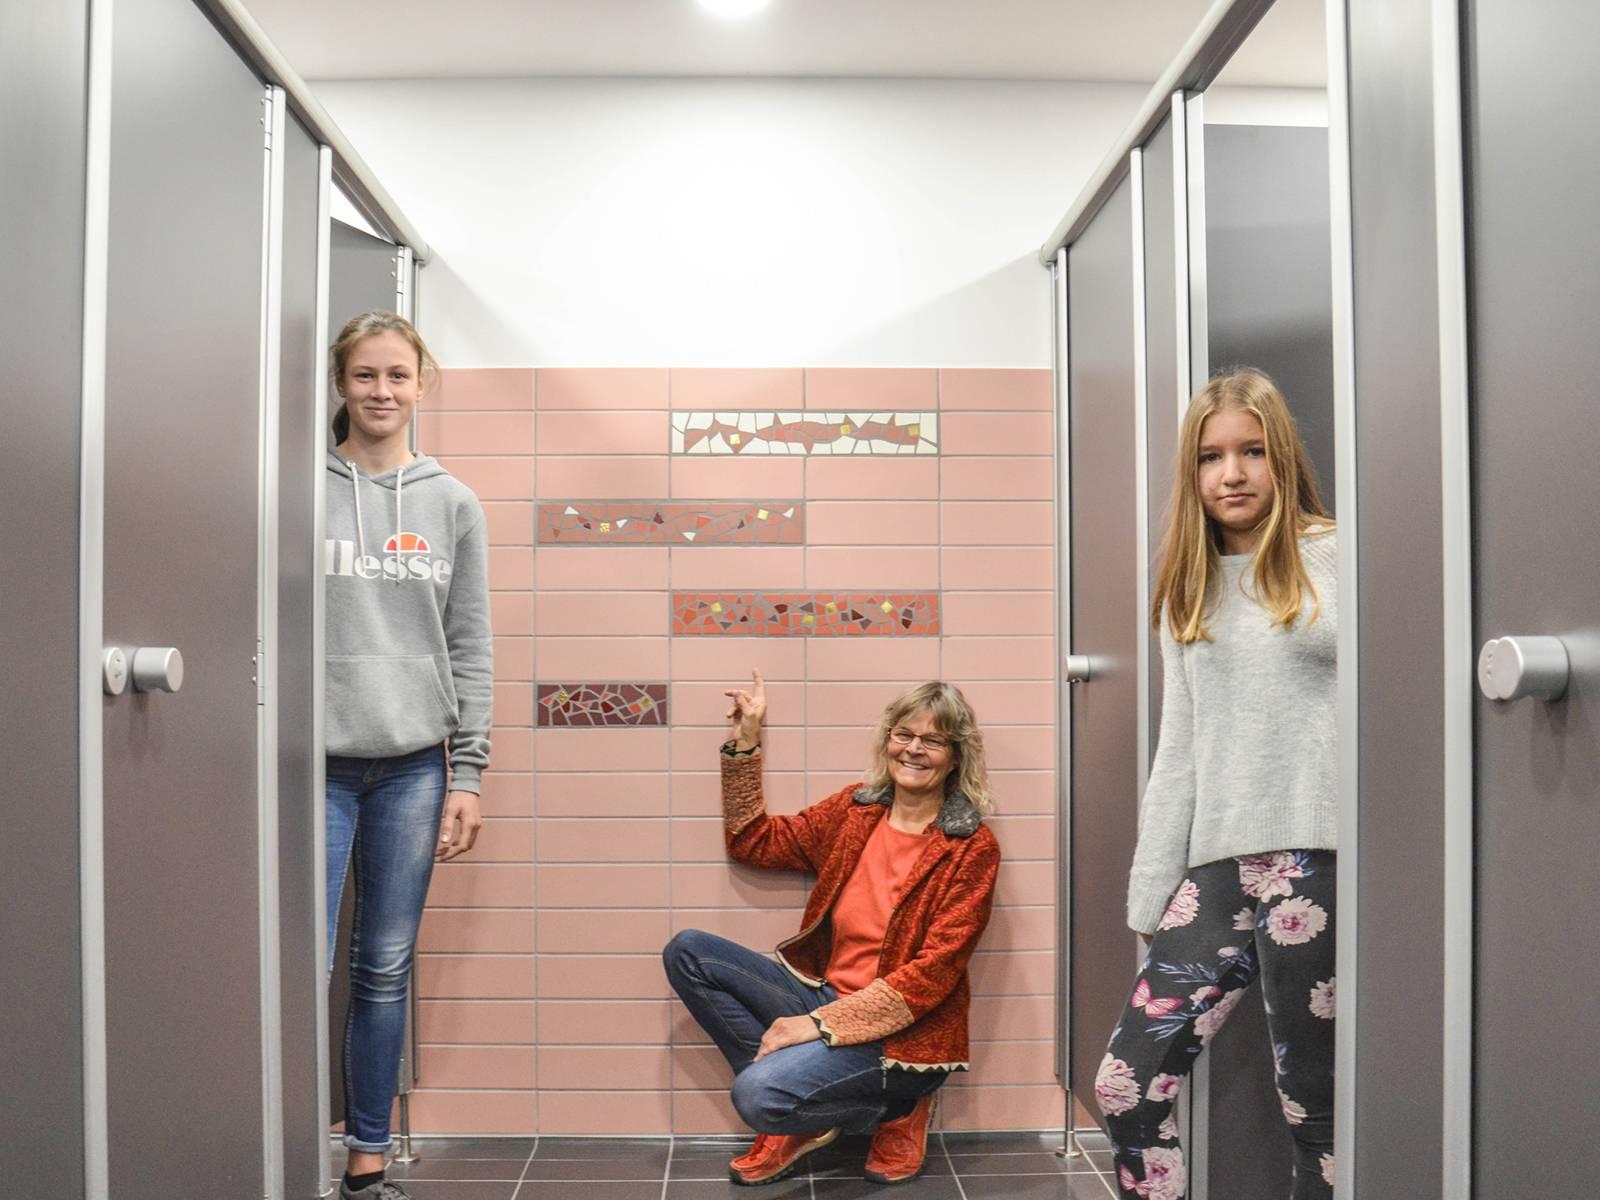 Die Künstlerin Susanne Siegl präsentiert mit zwei Schülerinnen die gemeinsam entworfenen Wandmosaike